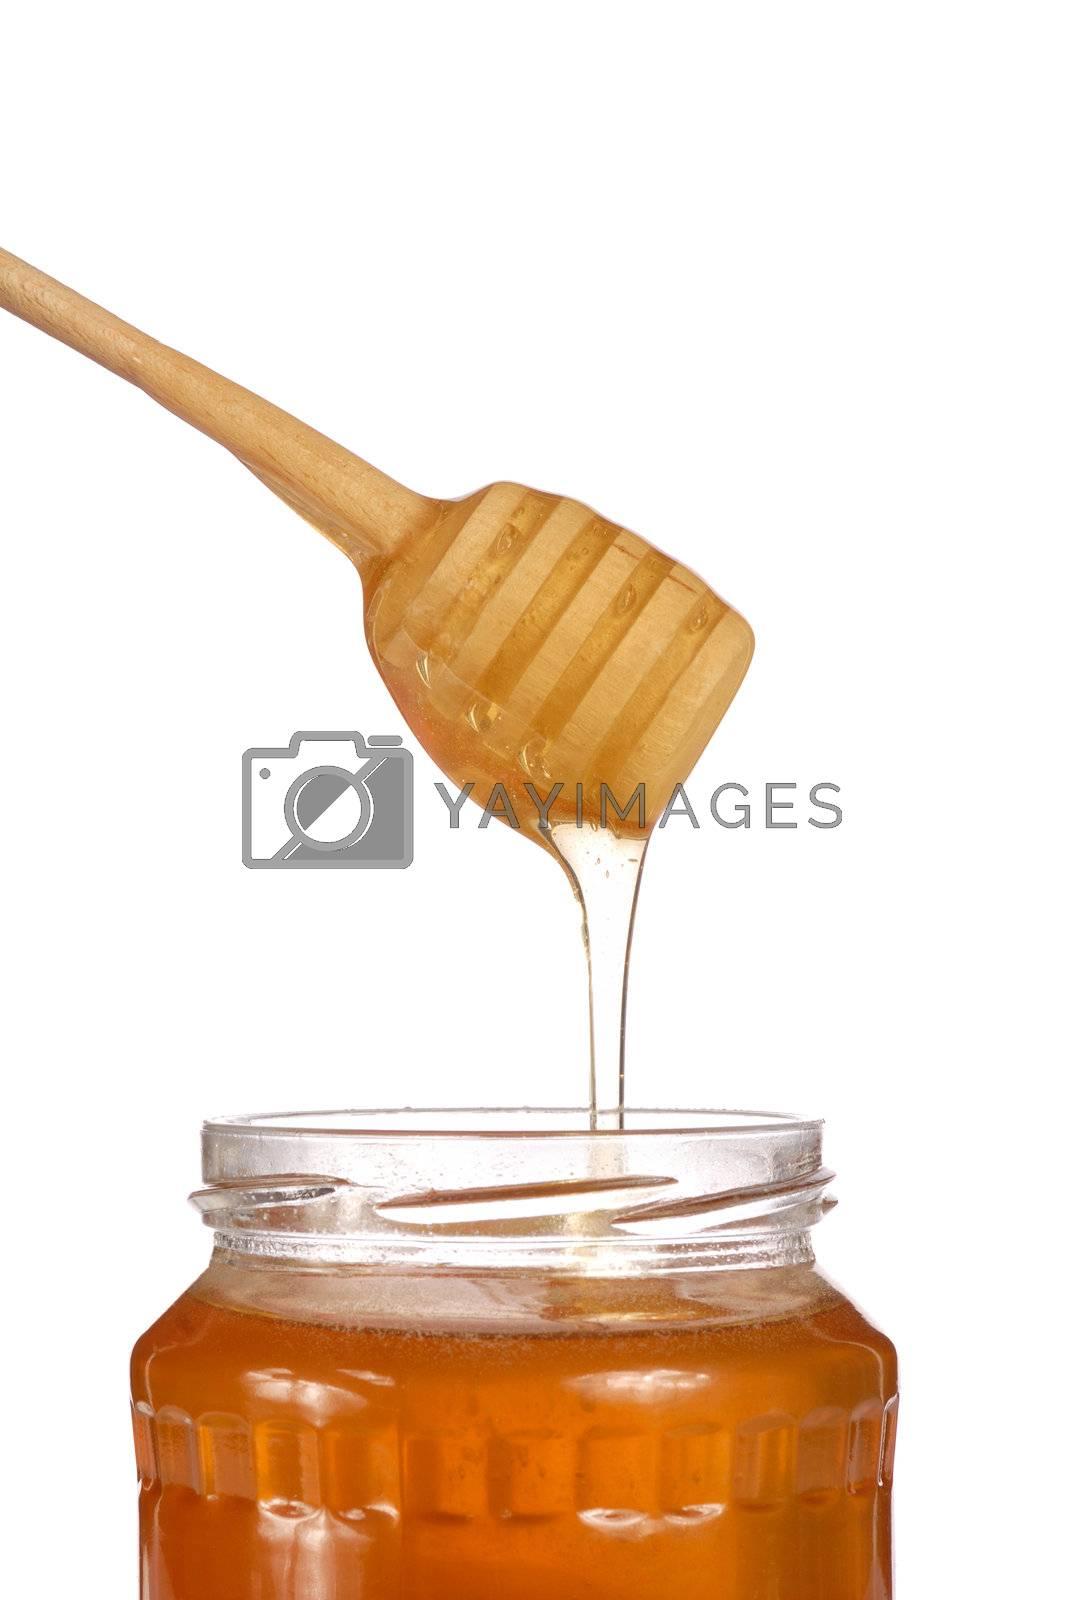 Honey jar isolated on white background